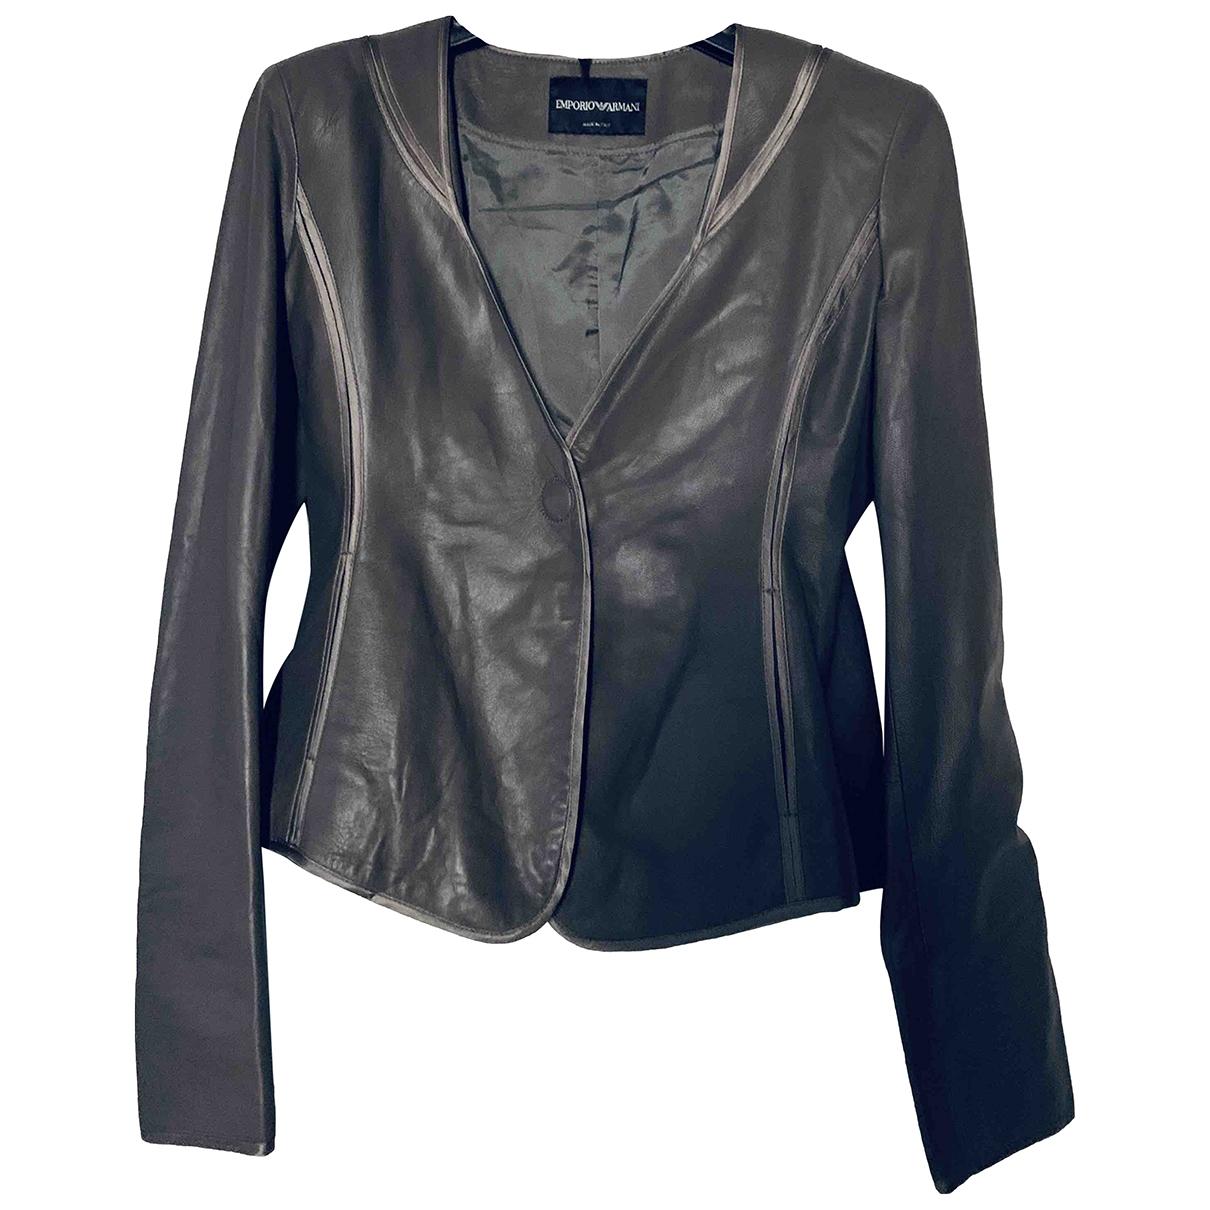 Emporio Armani - Veste   pour femme en cuir - gris